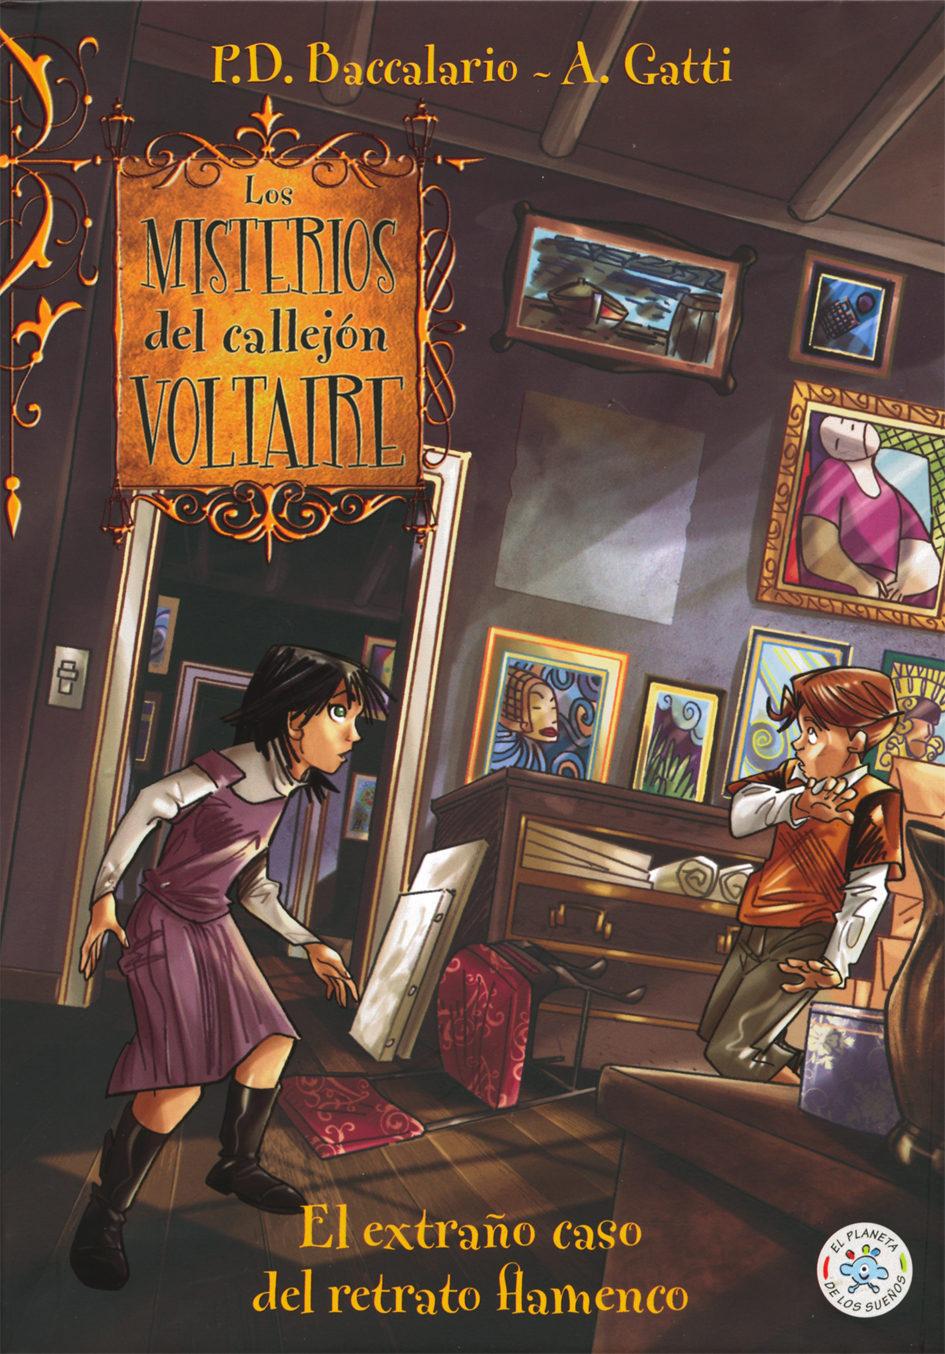 Los misterios del callejón Voltaire. El extraño caso del retrato flamenco (El planeta de los sueños)